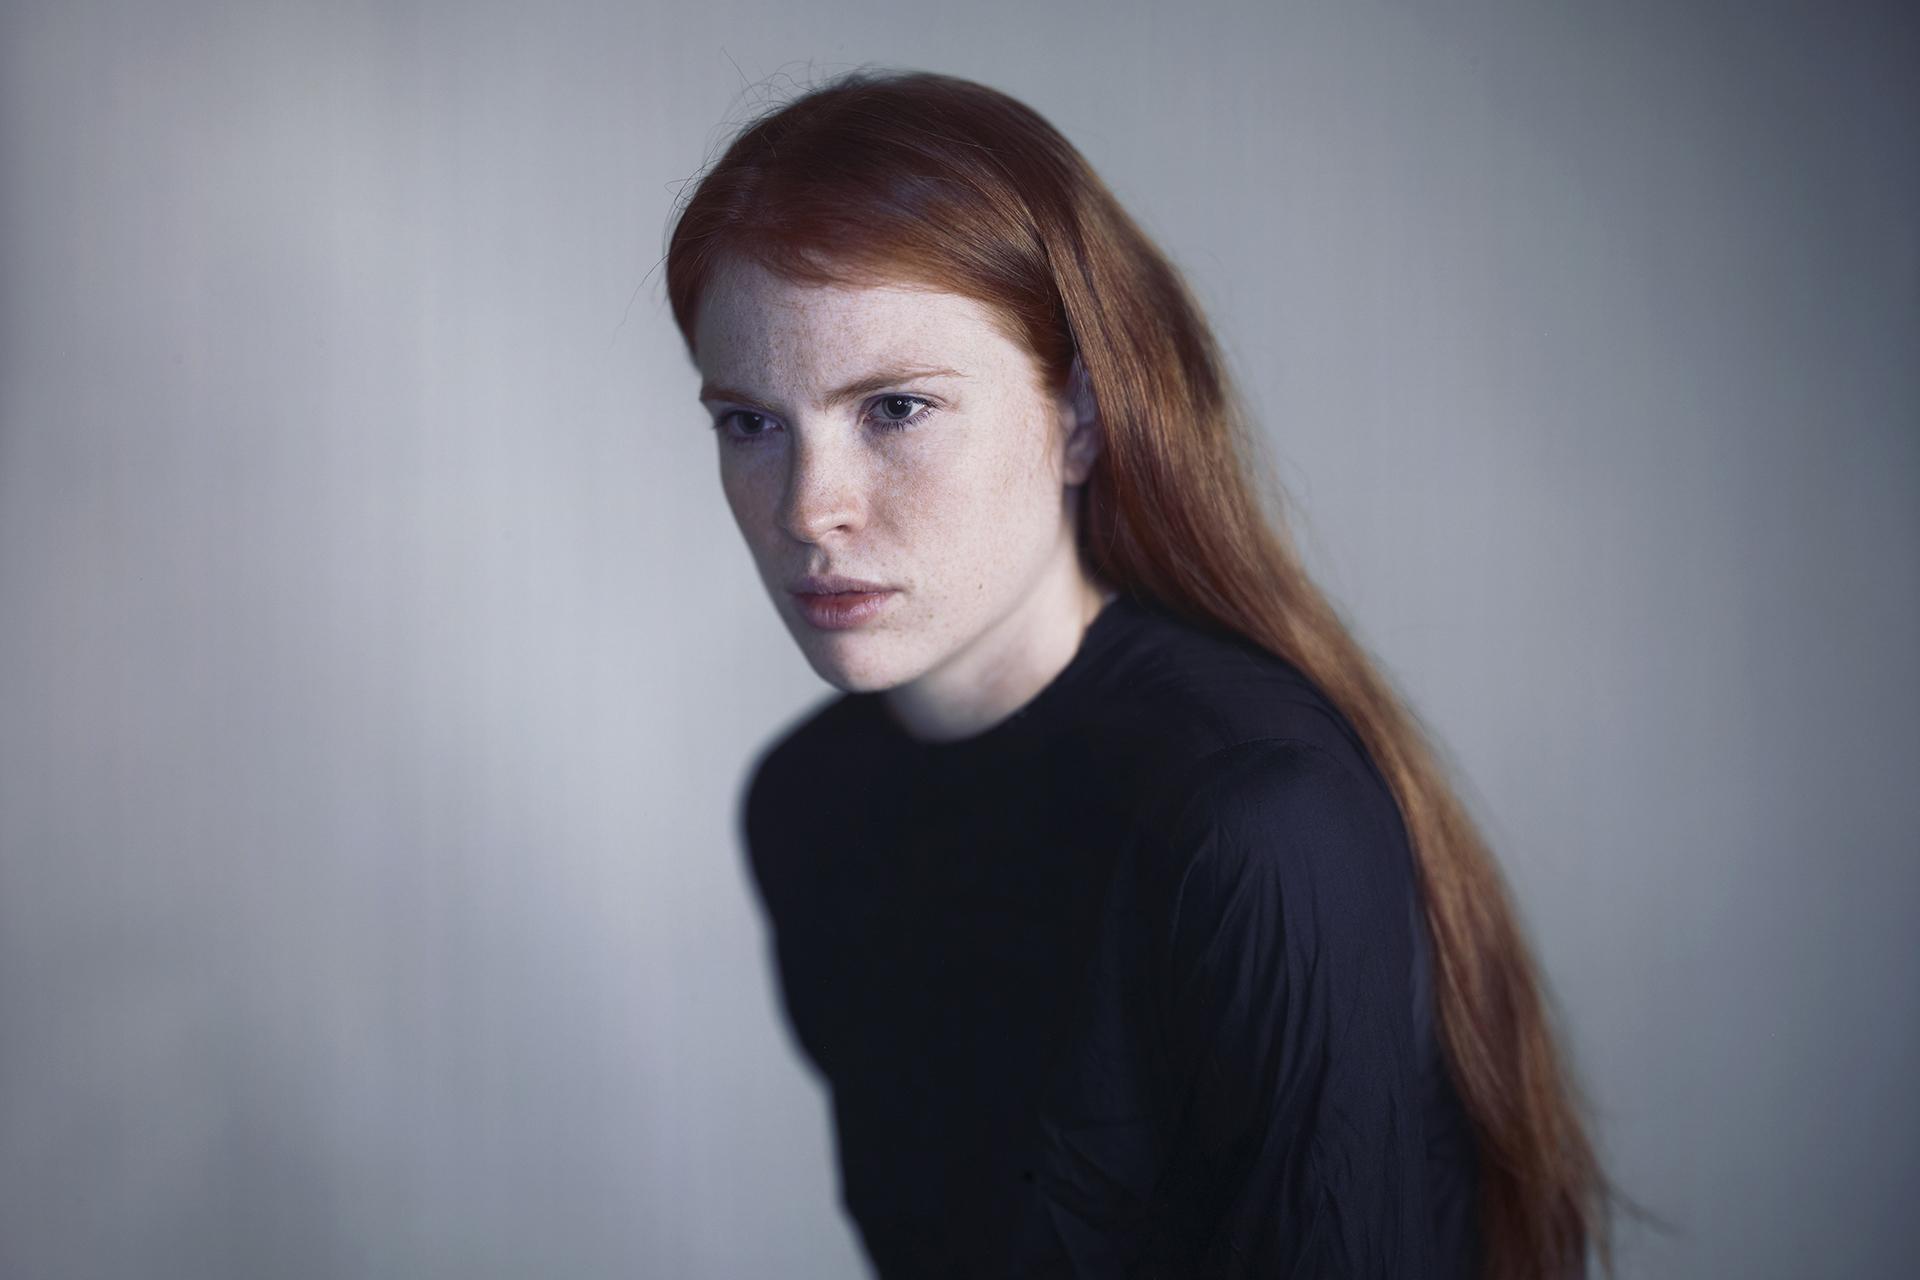 La fotograf a como avatar por david villalba apertura - David villalba ...